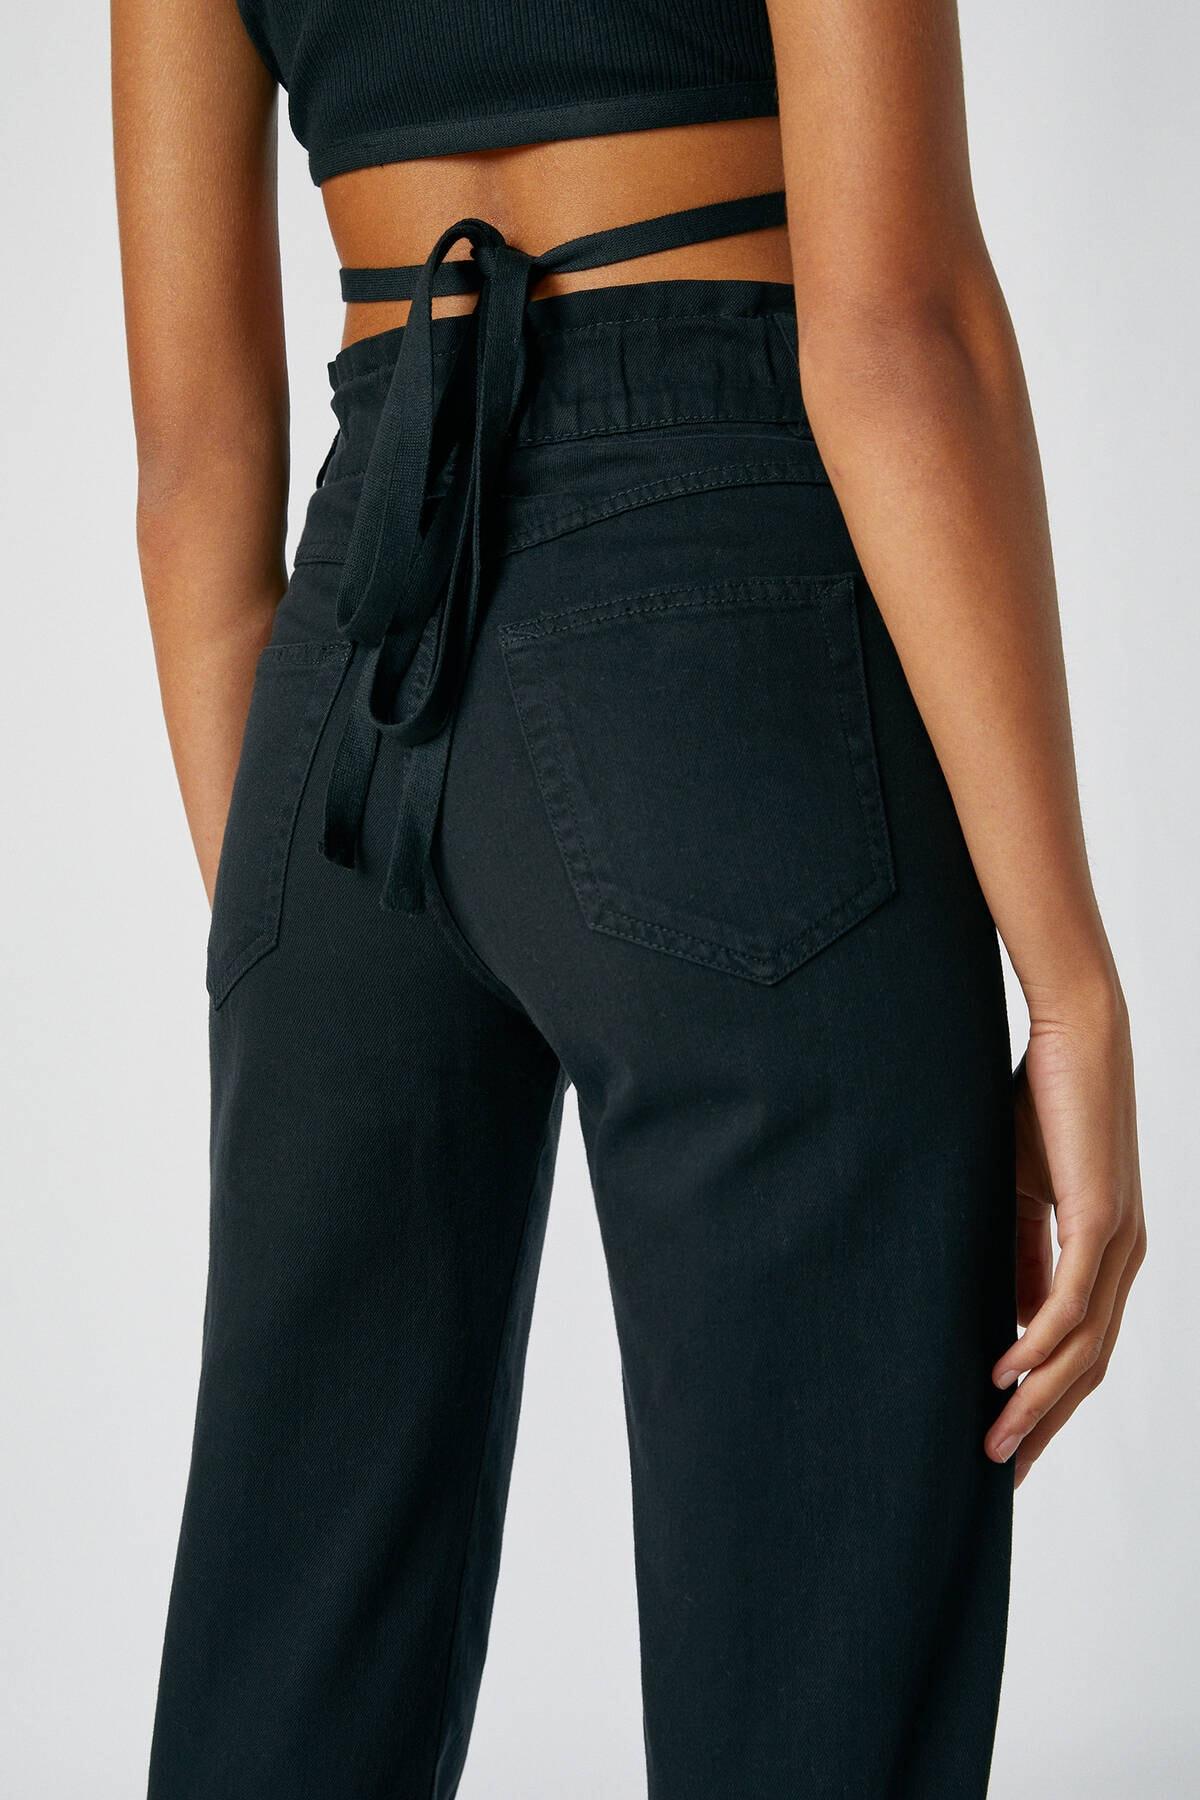 Pull & Bear Kadın Siyah Geniş Elastik Belli Slouchy Jean 05670342 2